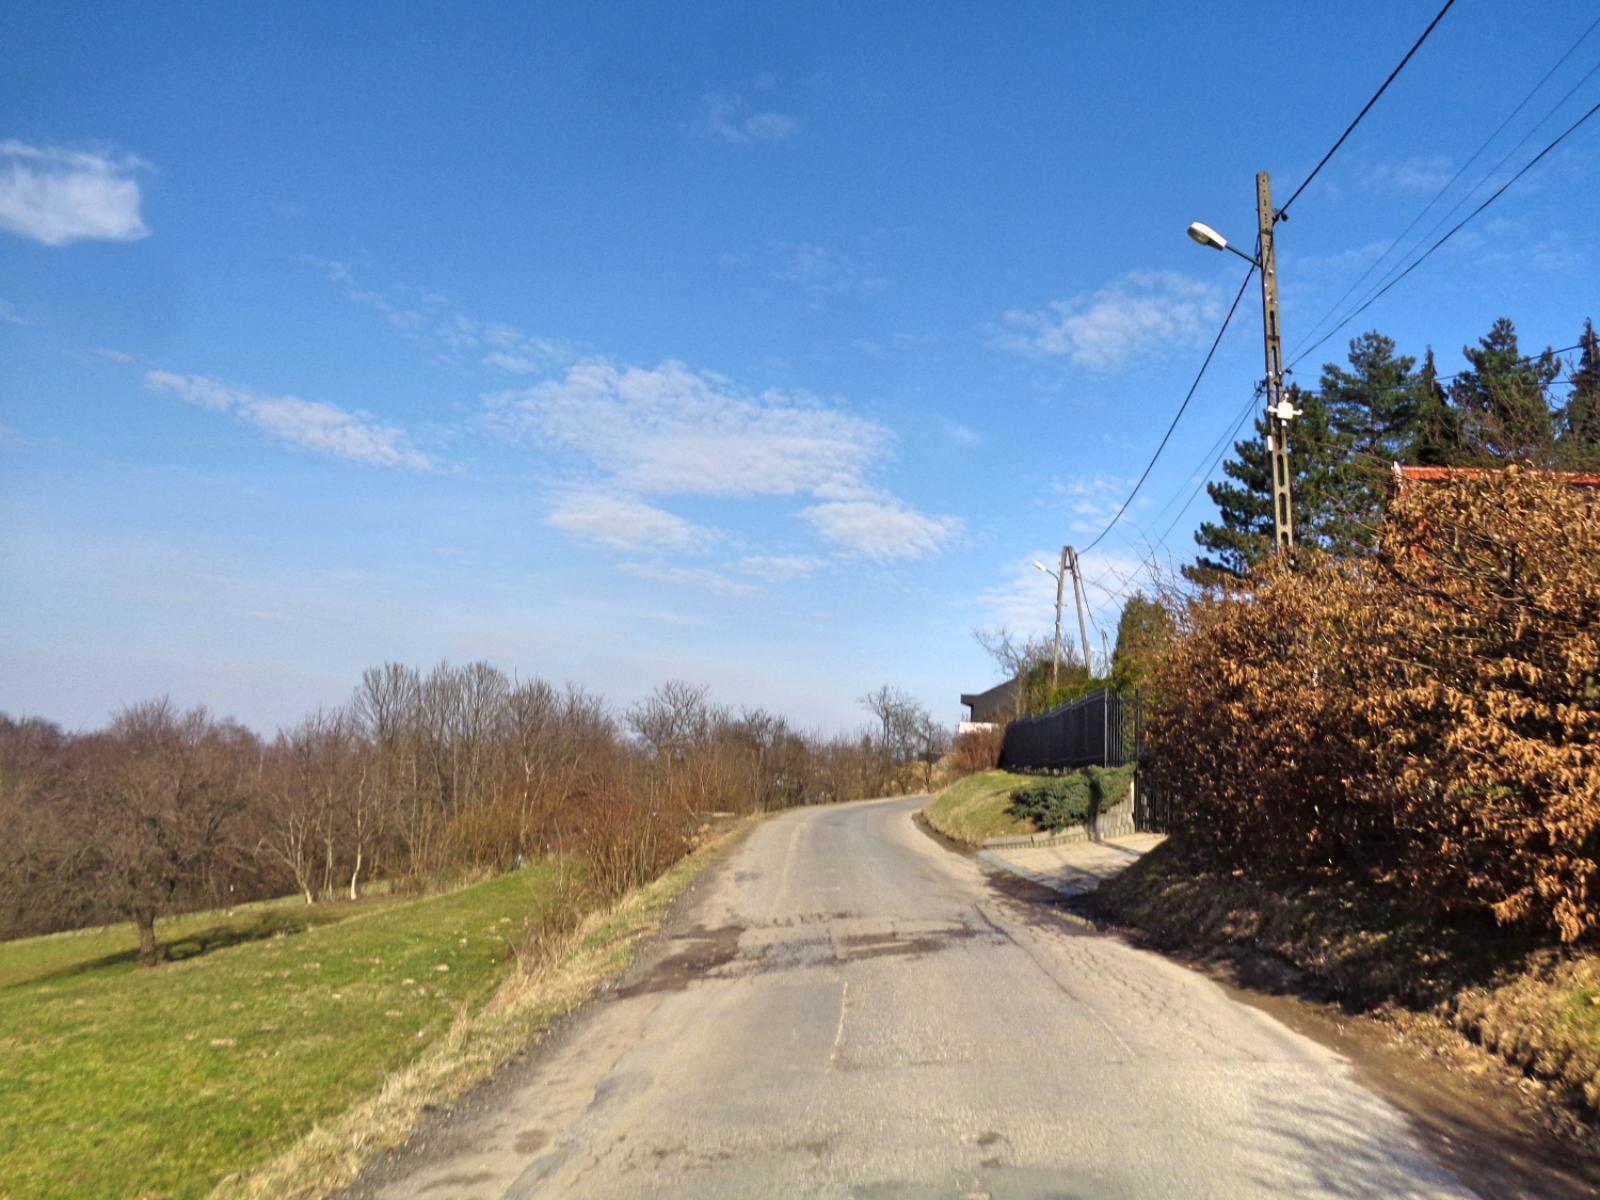 Szlak Twierdzy Kraków, Swoszowice